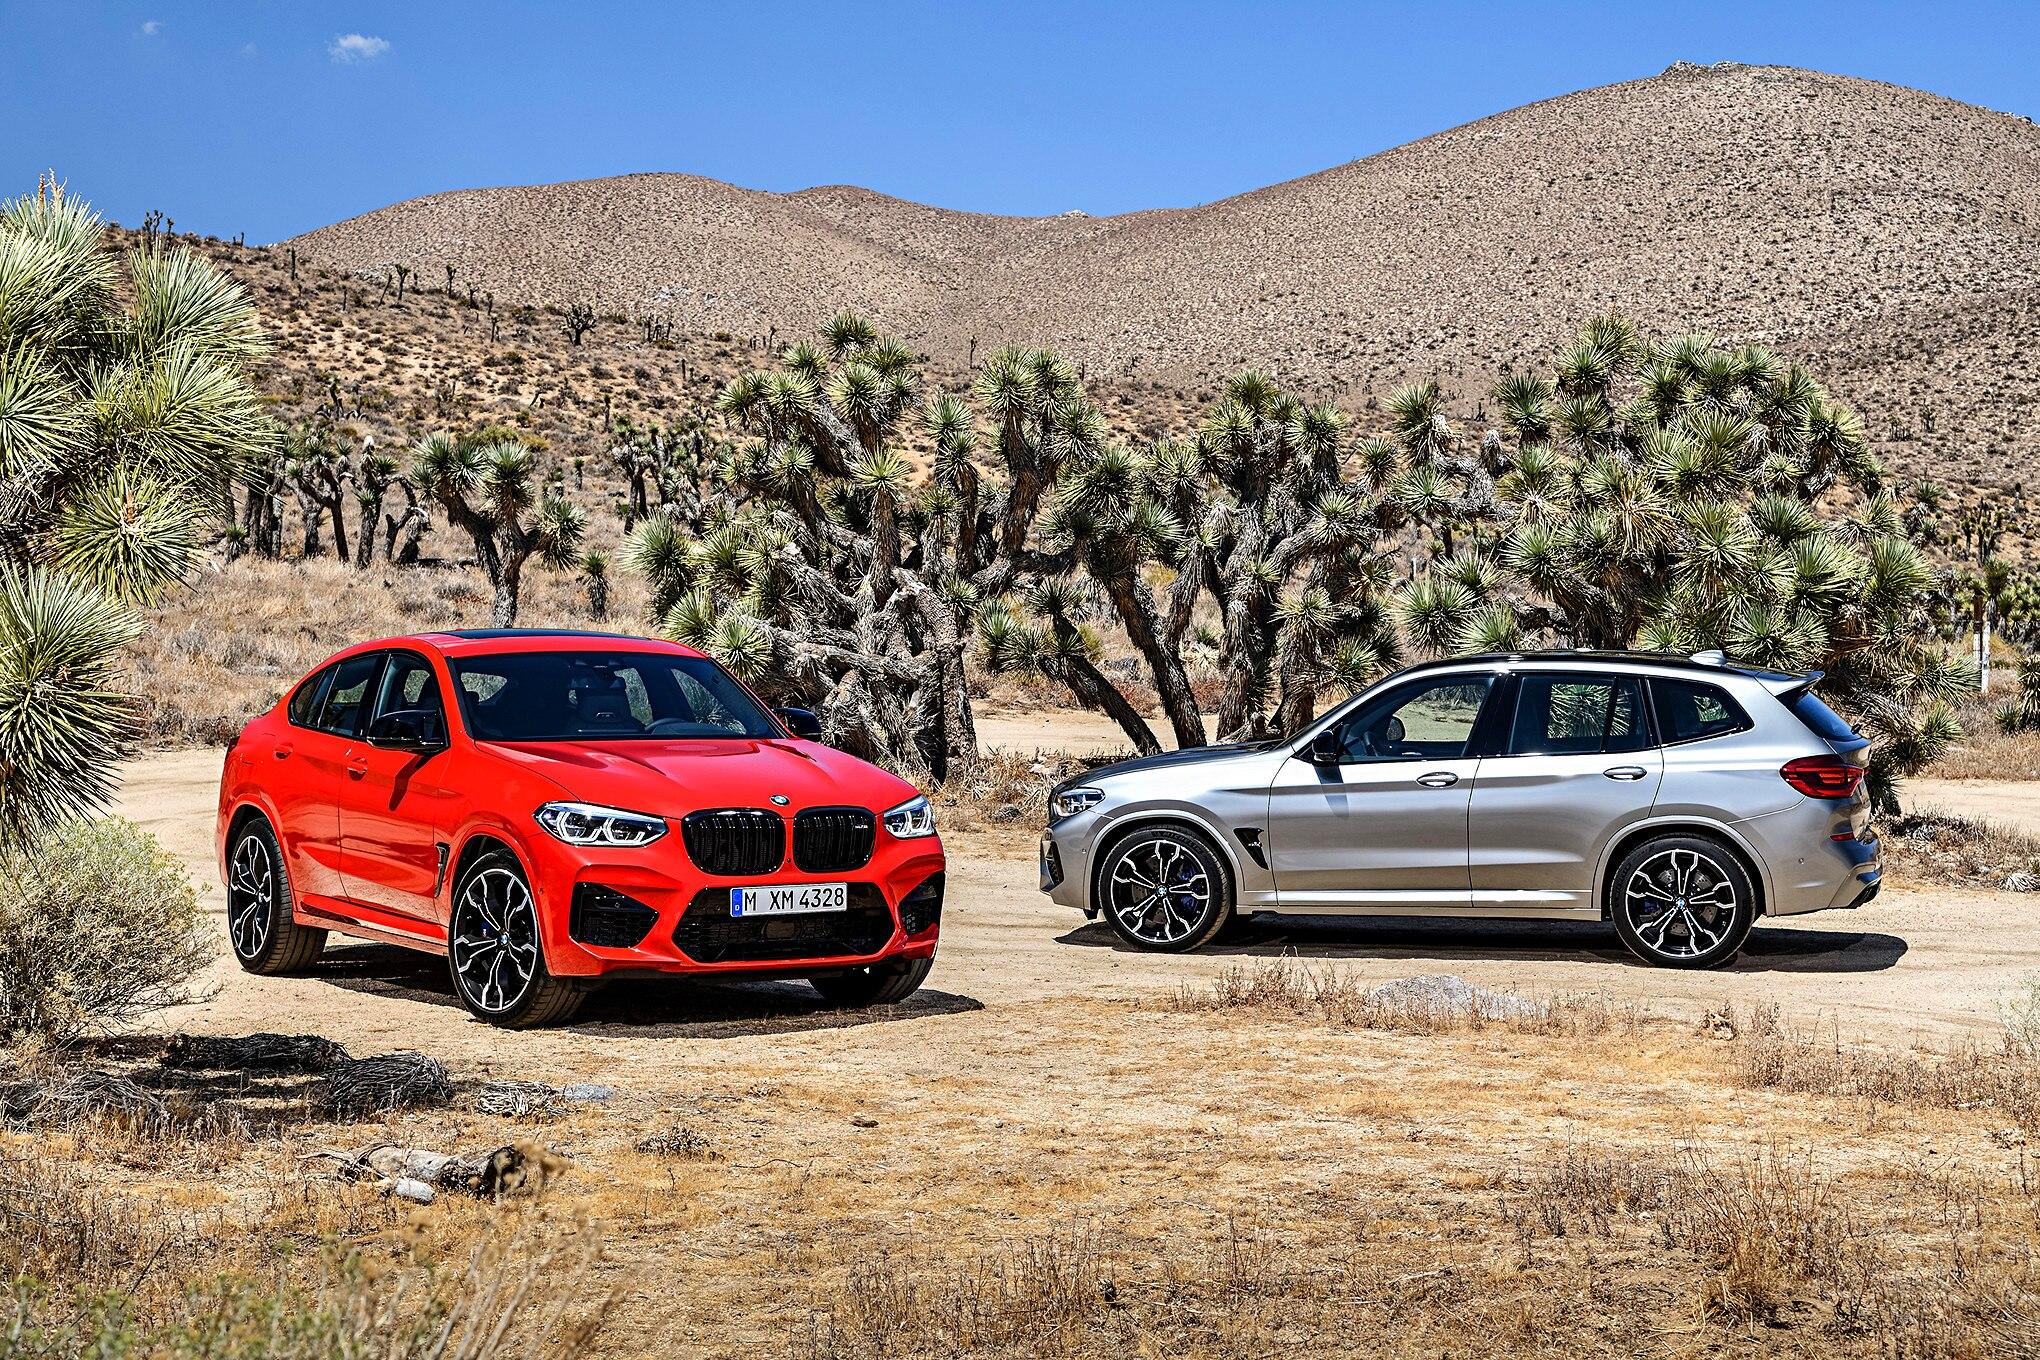 First Drive: 2020 BMW X3 M, 2019 X2 M35i, X7, Rolls-Royce Cullinan